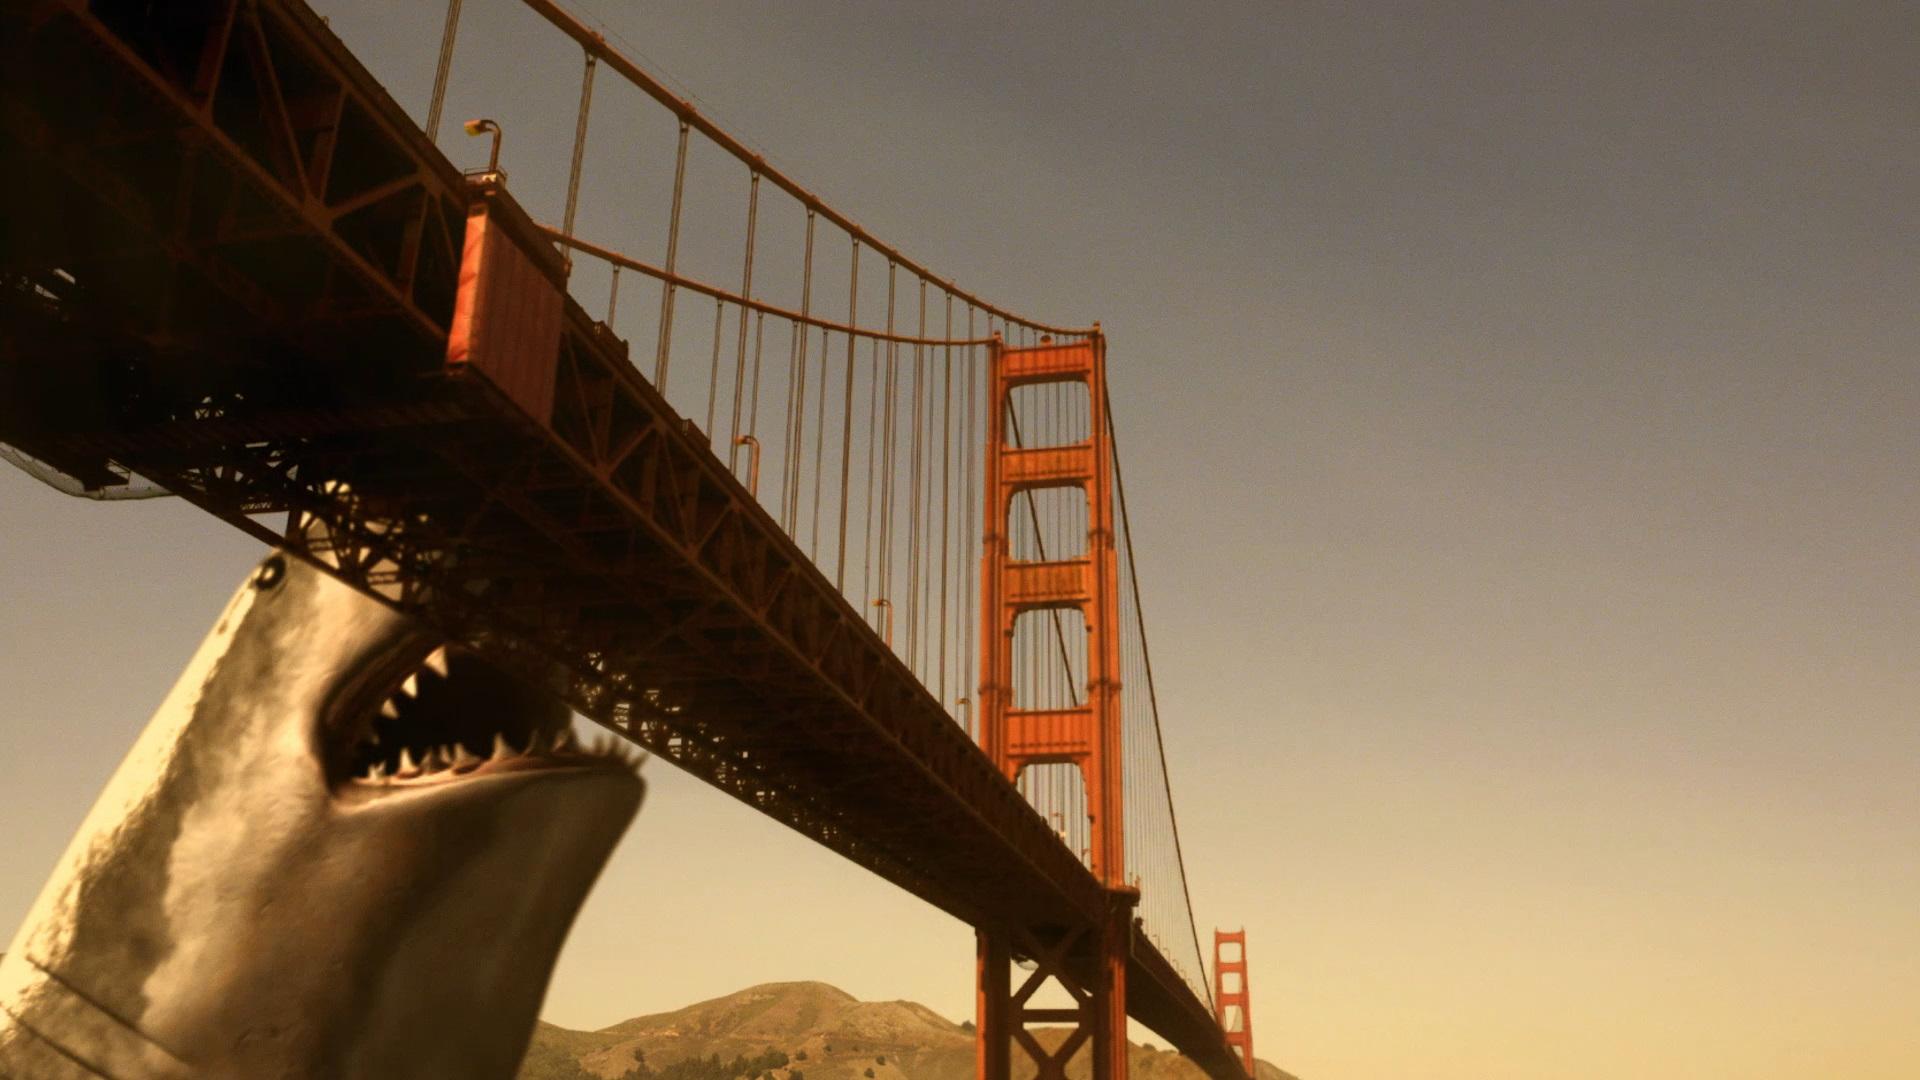 A shark biting the Golden Gate bridge in 2009's Mega Shark vs. Giant Octopus.